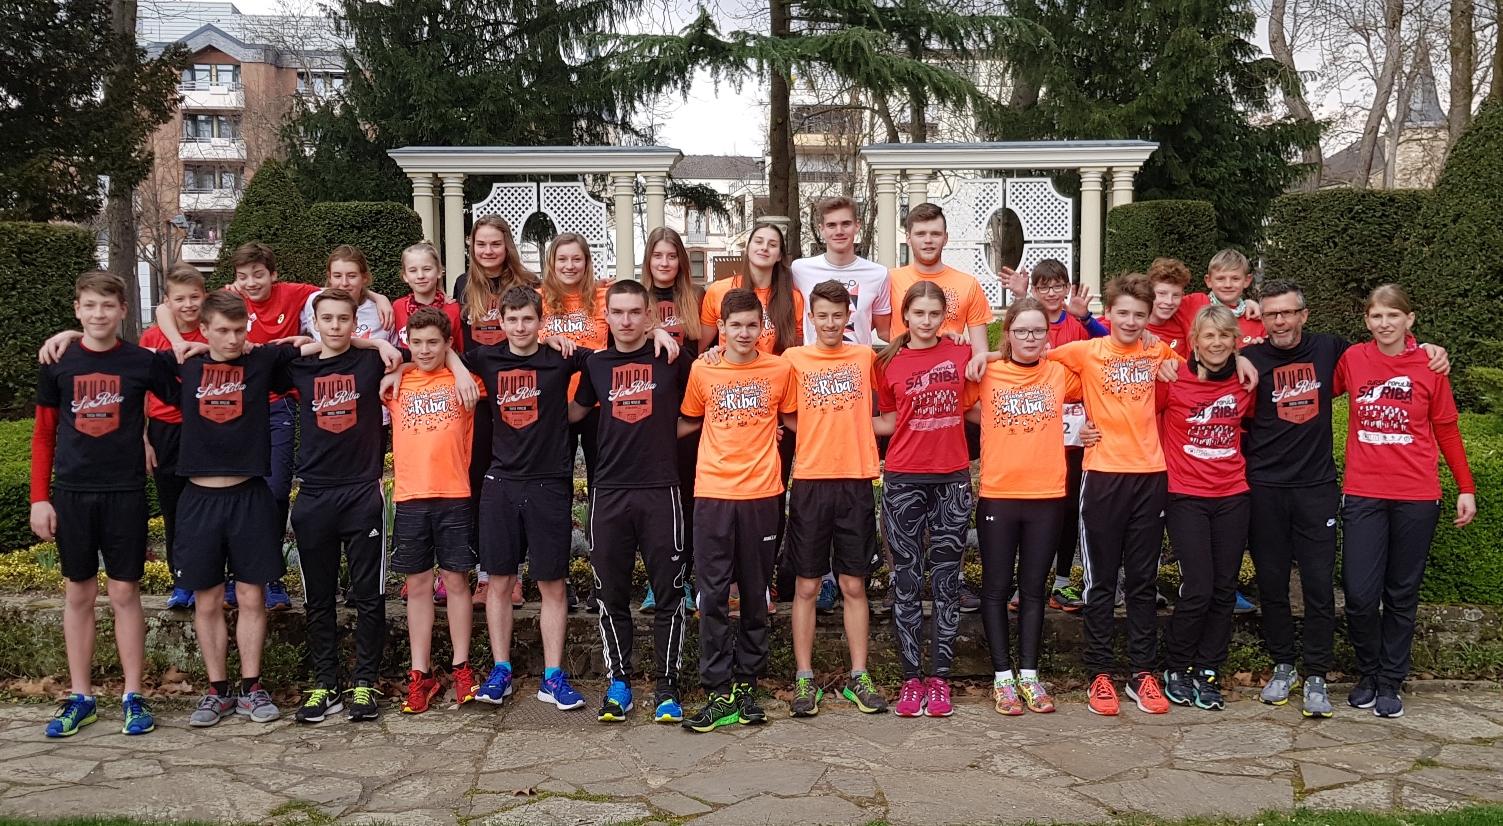 Kaderathleten erfolgreich in der Marathonstaffel